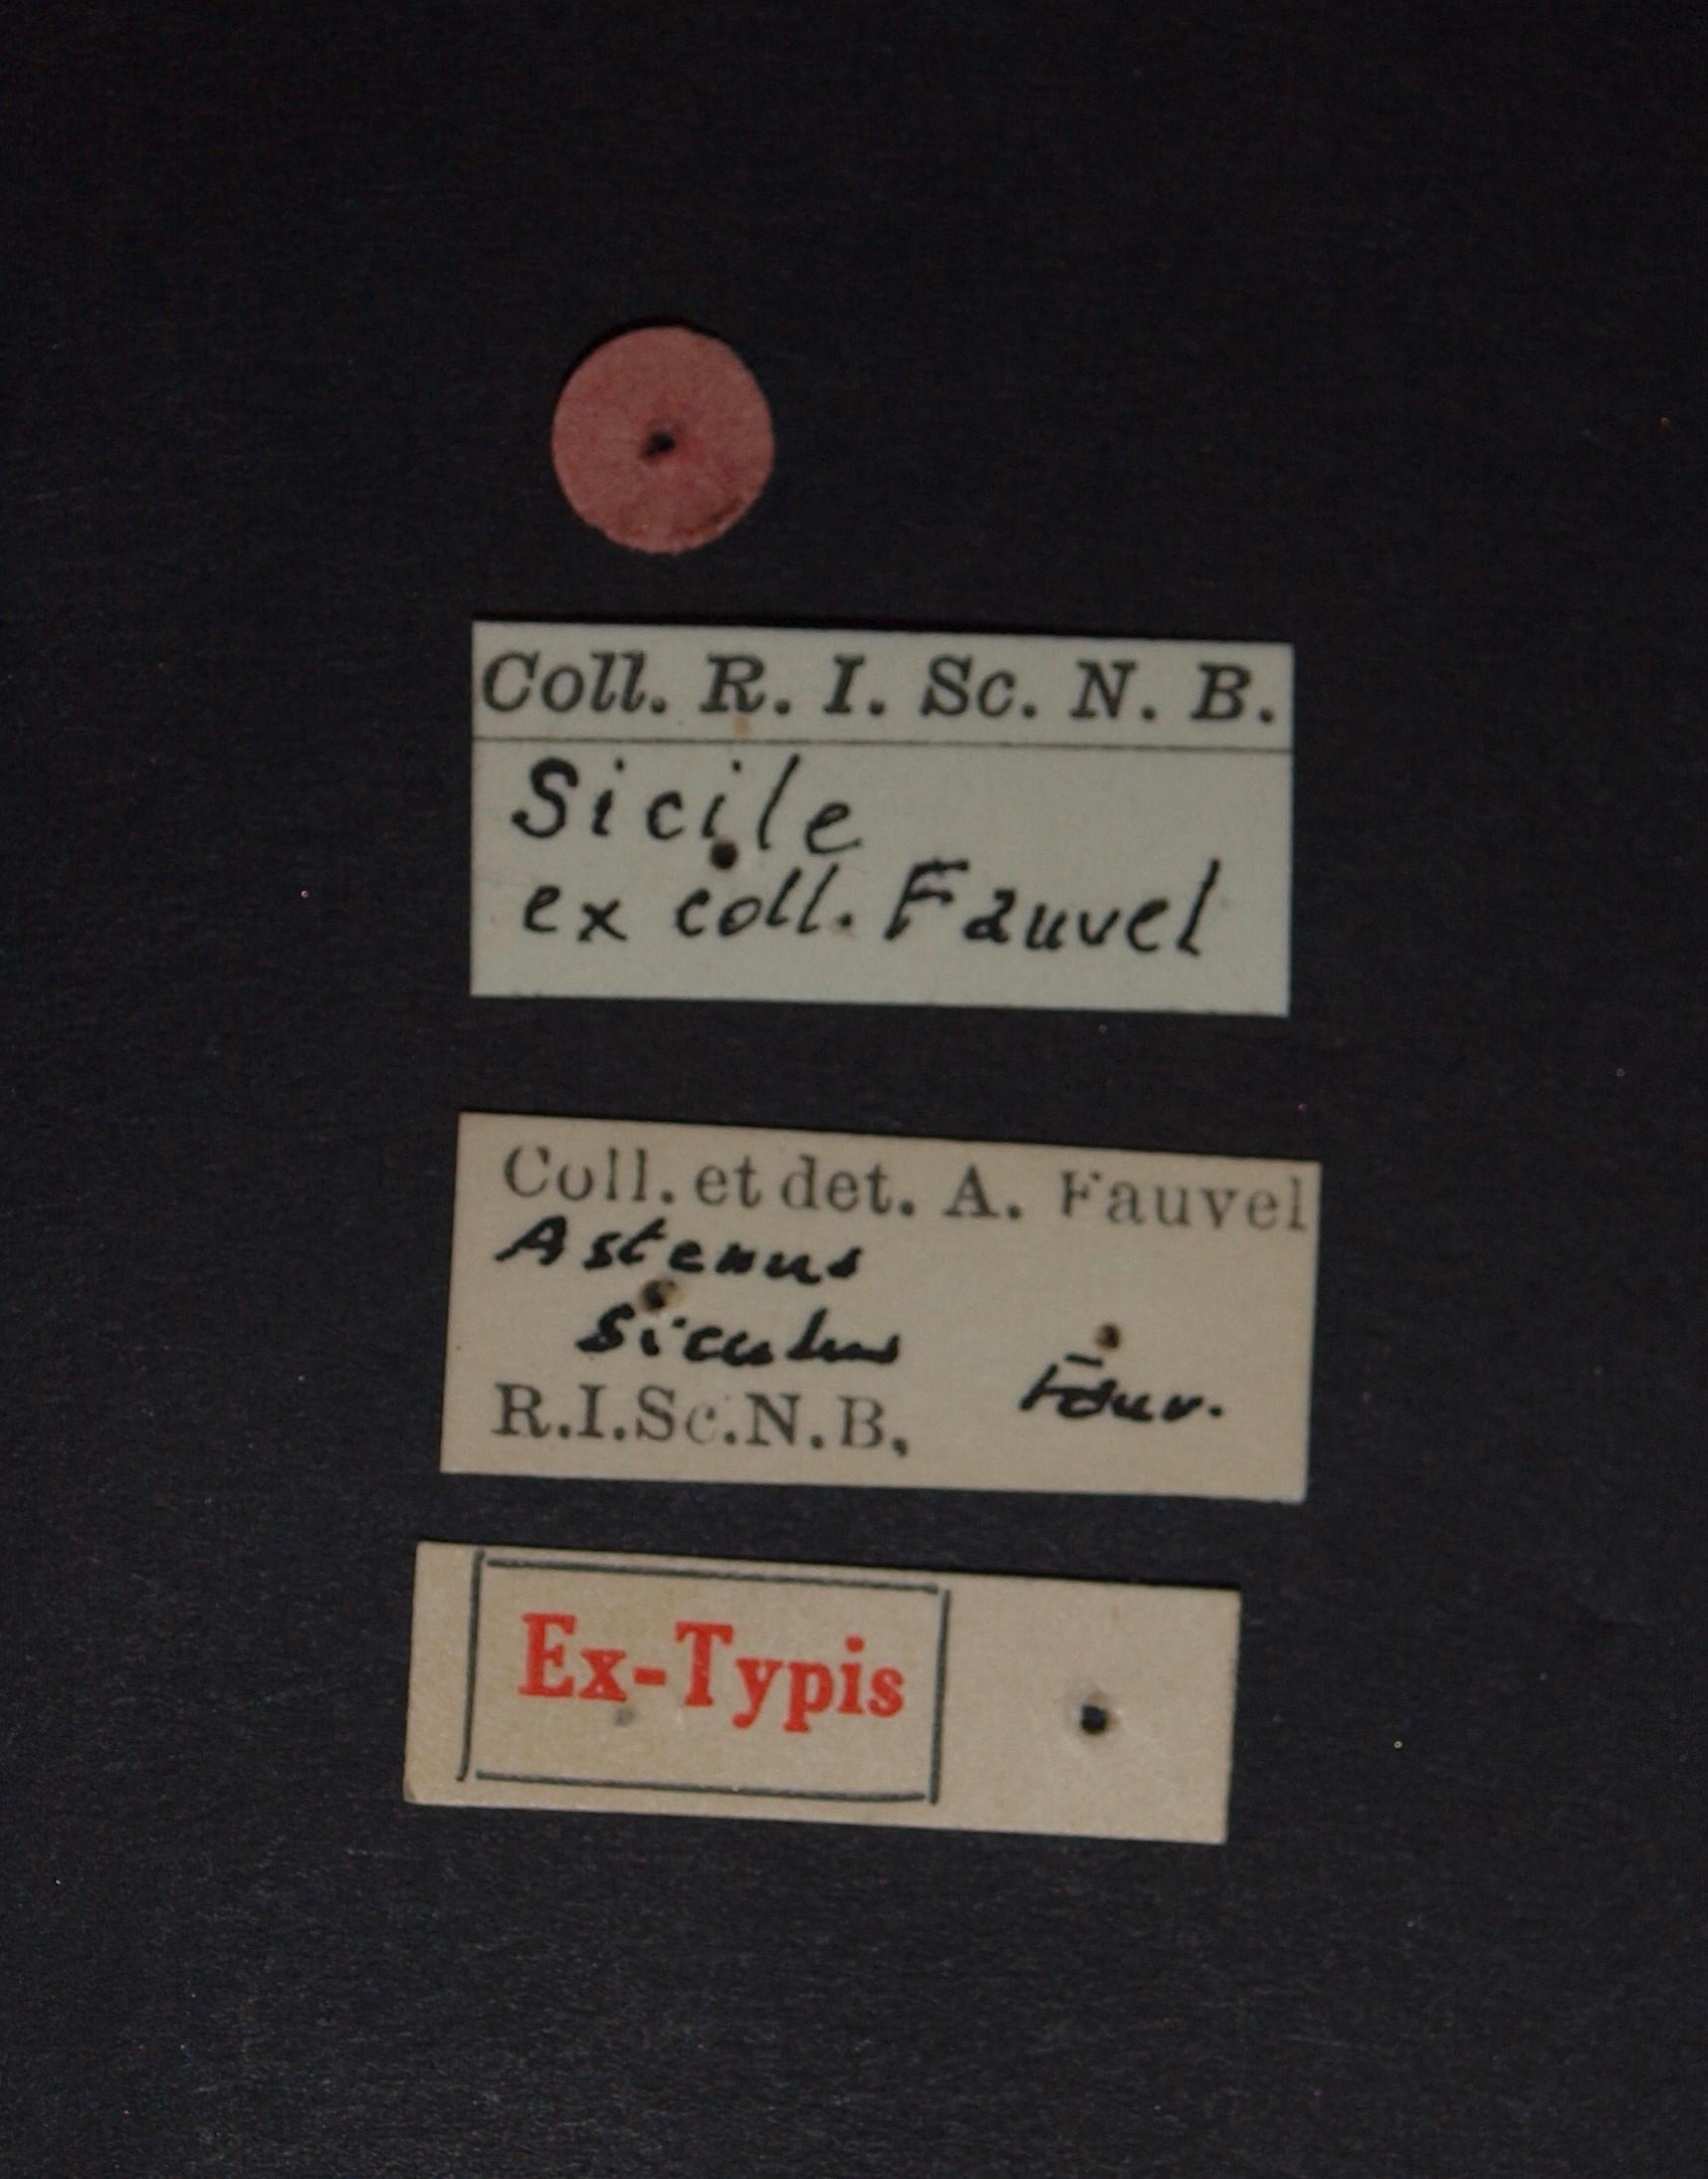 Astenus (Eurysunius) siculus ex t.JPG